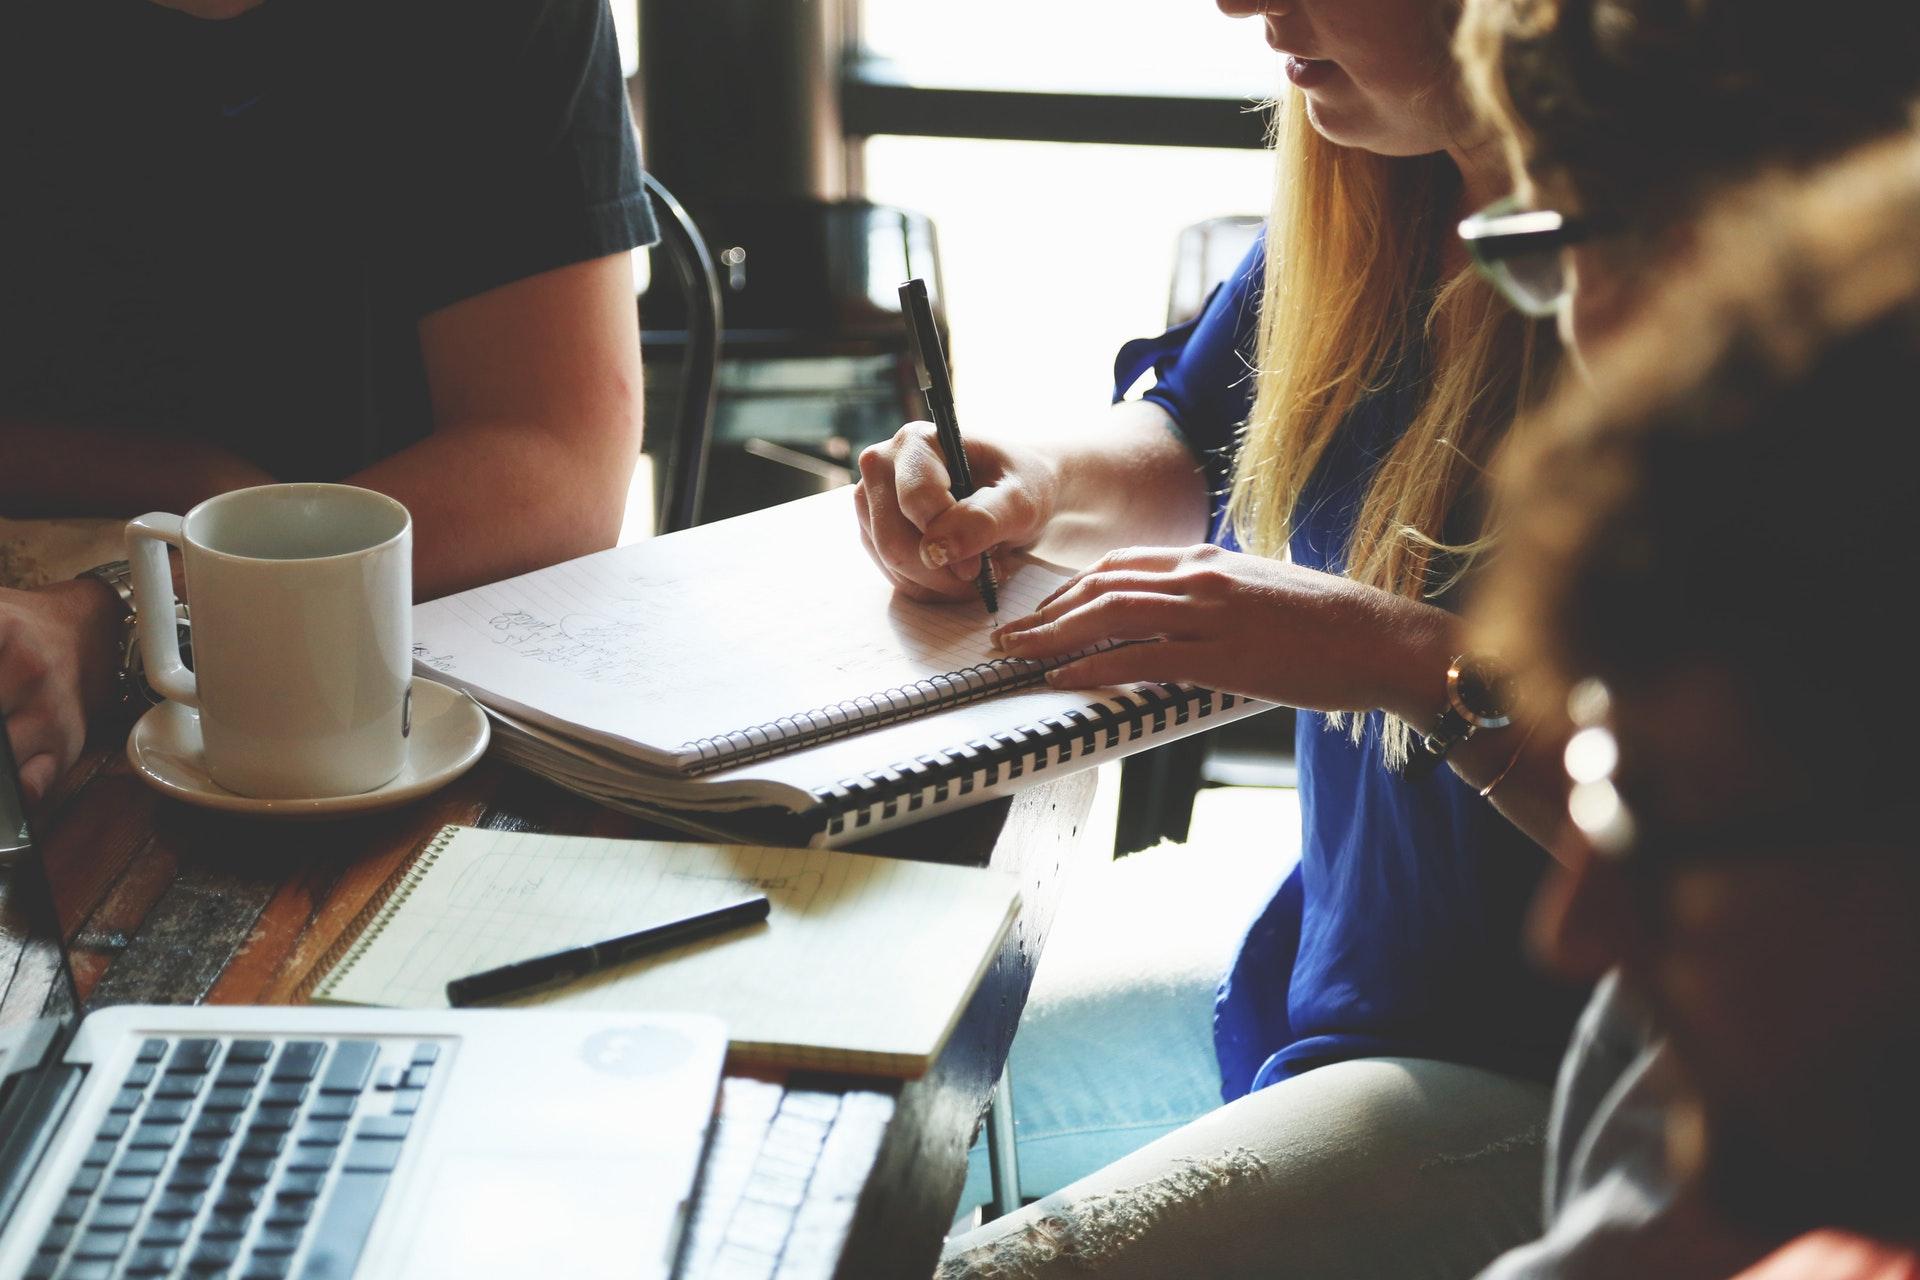 people pleaser opgave blok skriver møde kontor arbejde people-woman-coffee-meeting